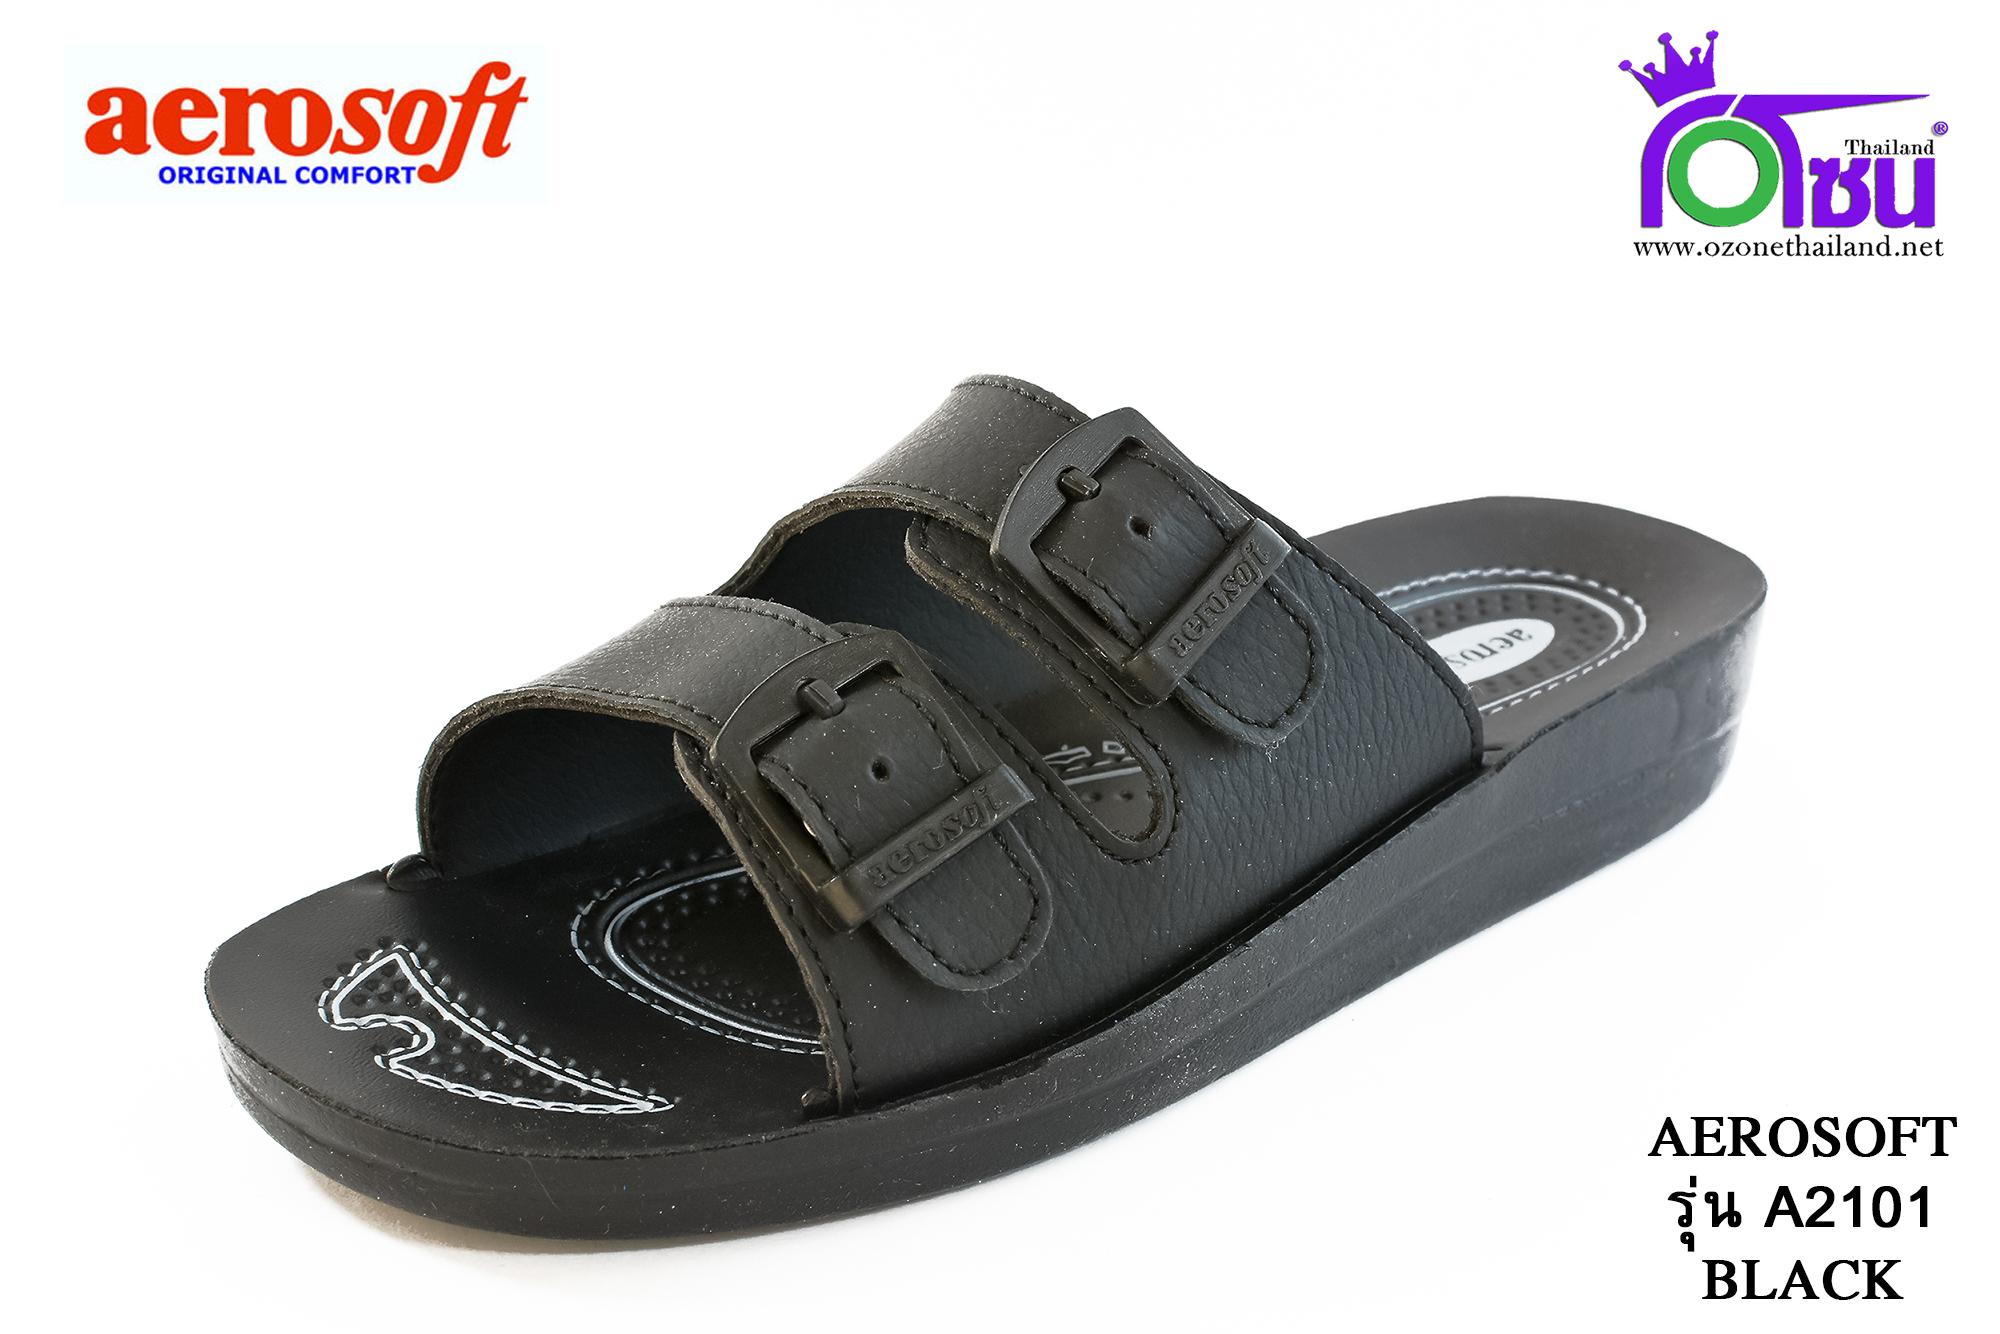 รองเท้า Aerosoft รหัส A2101 สีดำ เบอร์ 36-41